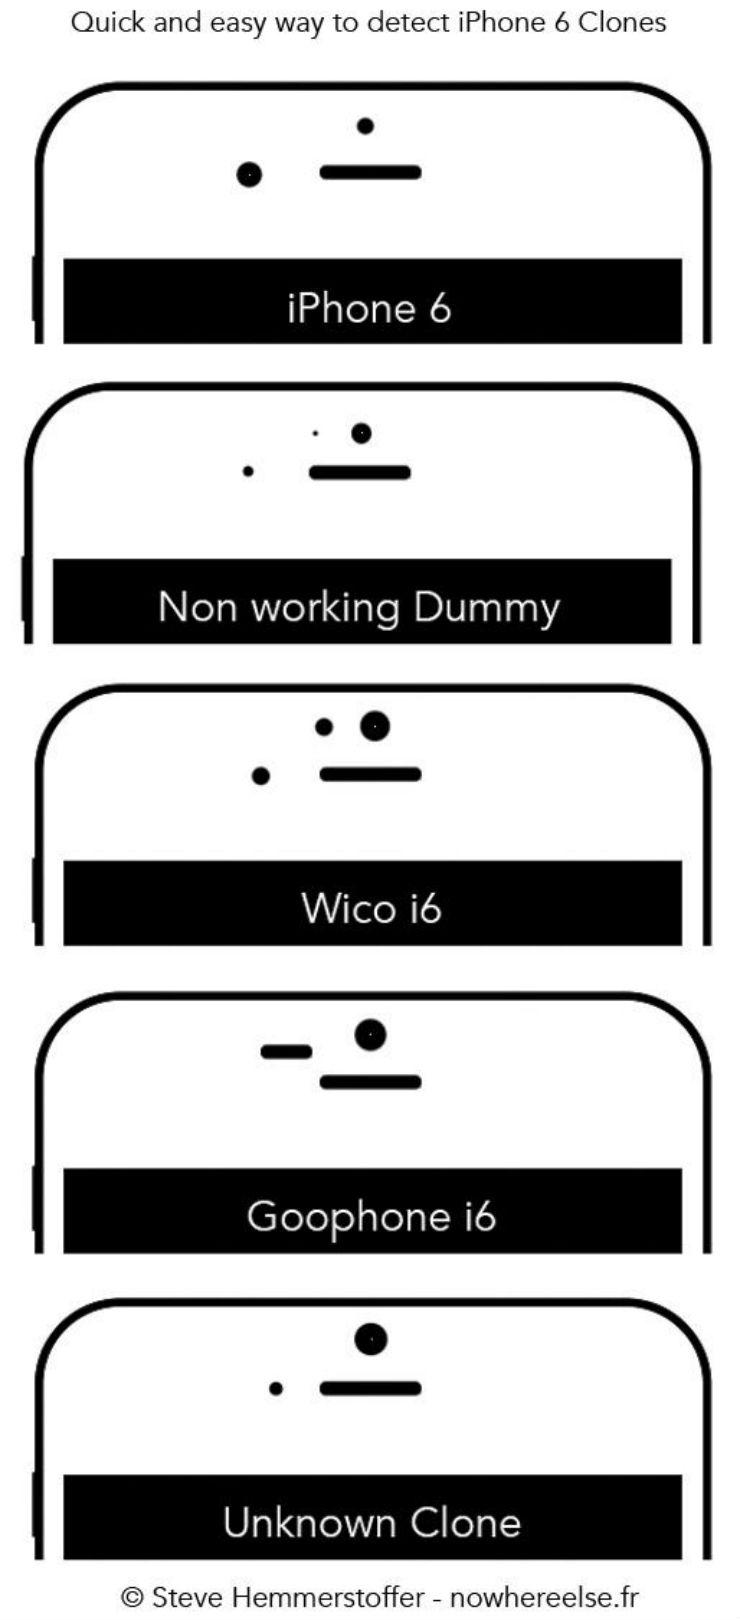 iPhone 6 rubato o falso